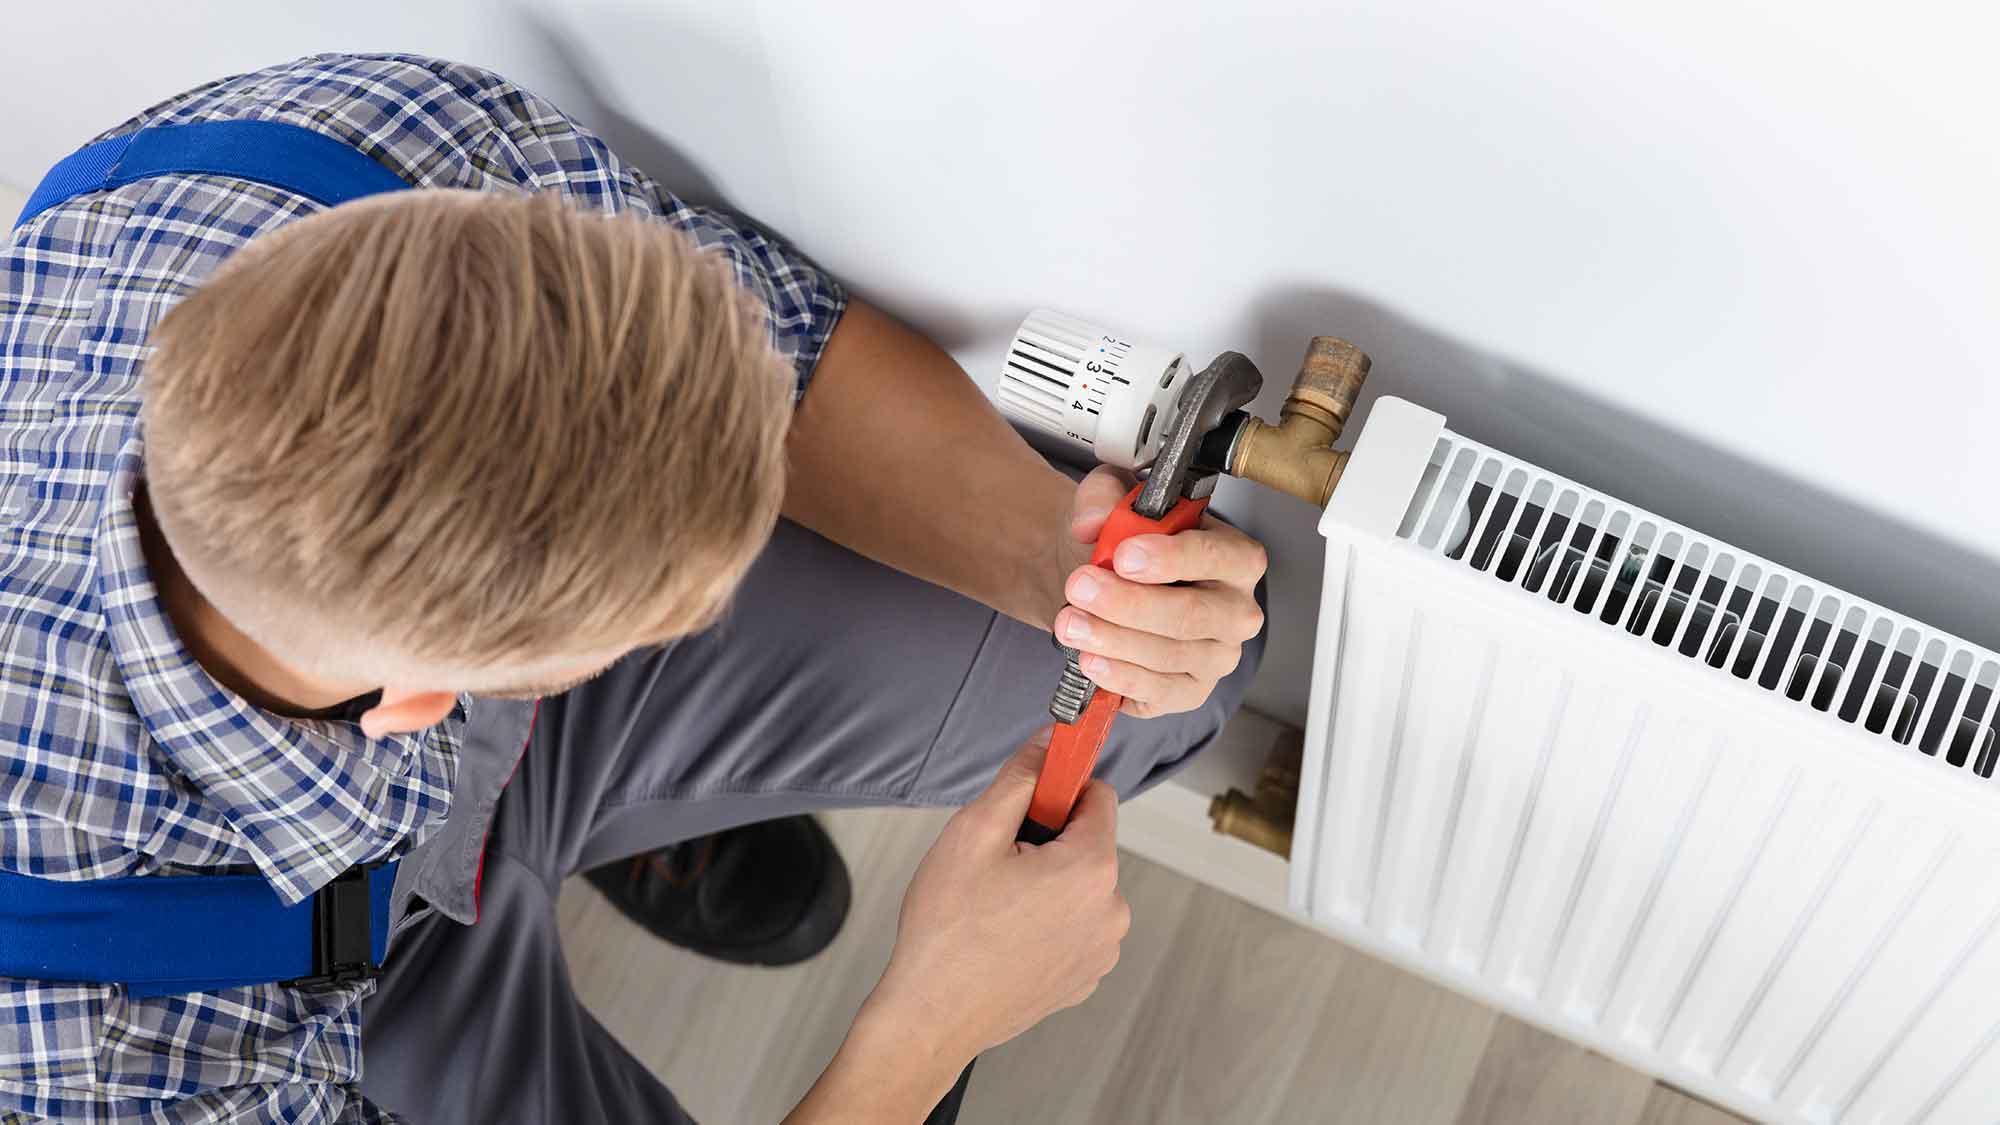 radiator service essex maintenance leigh on sea tools